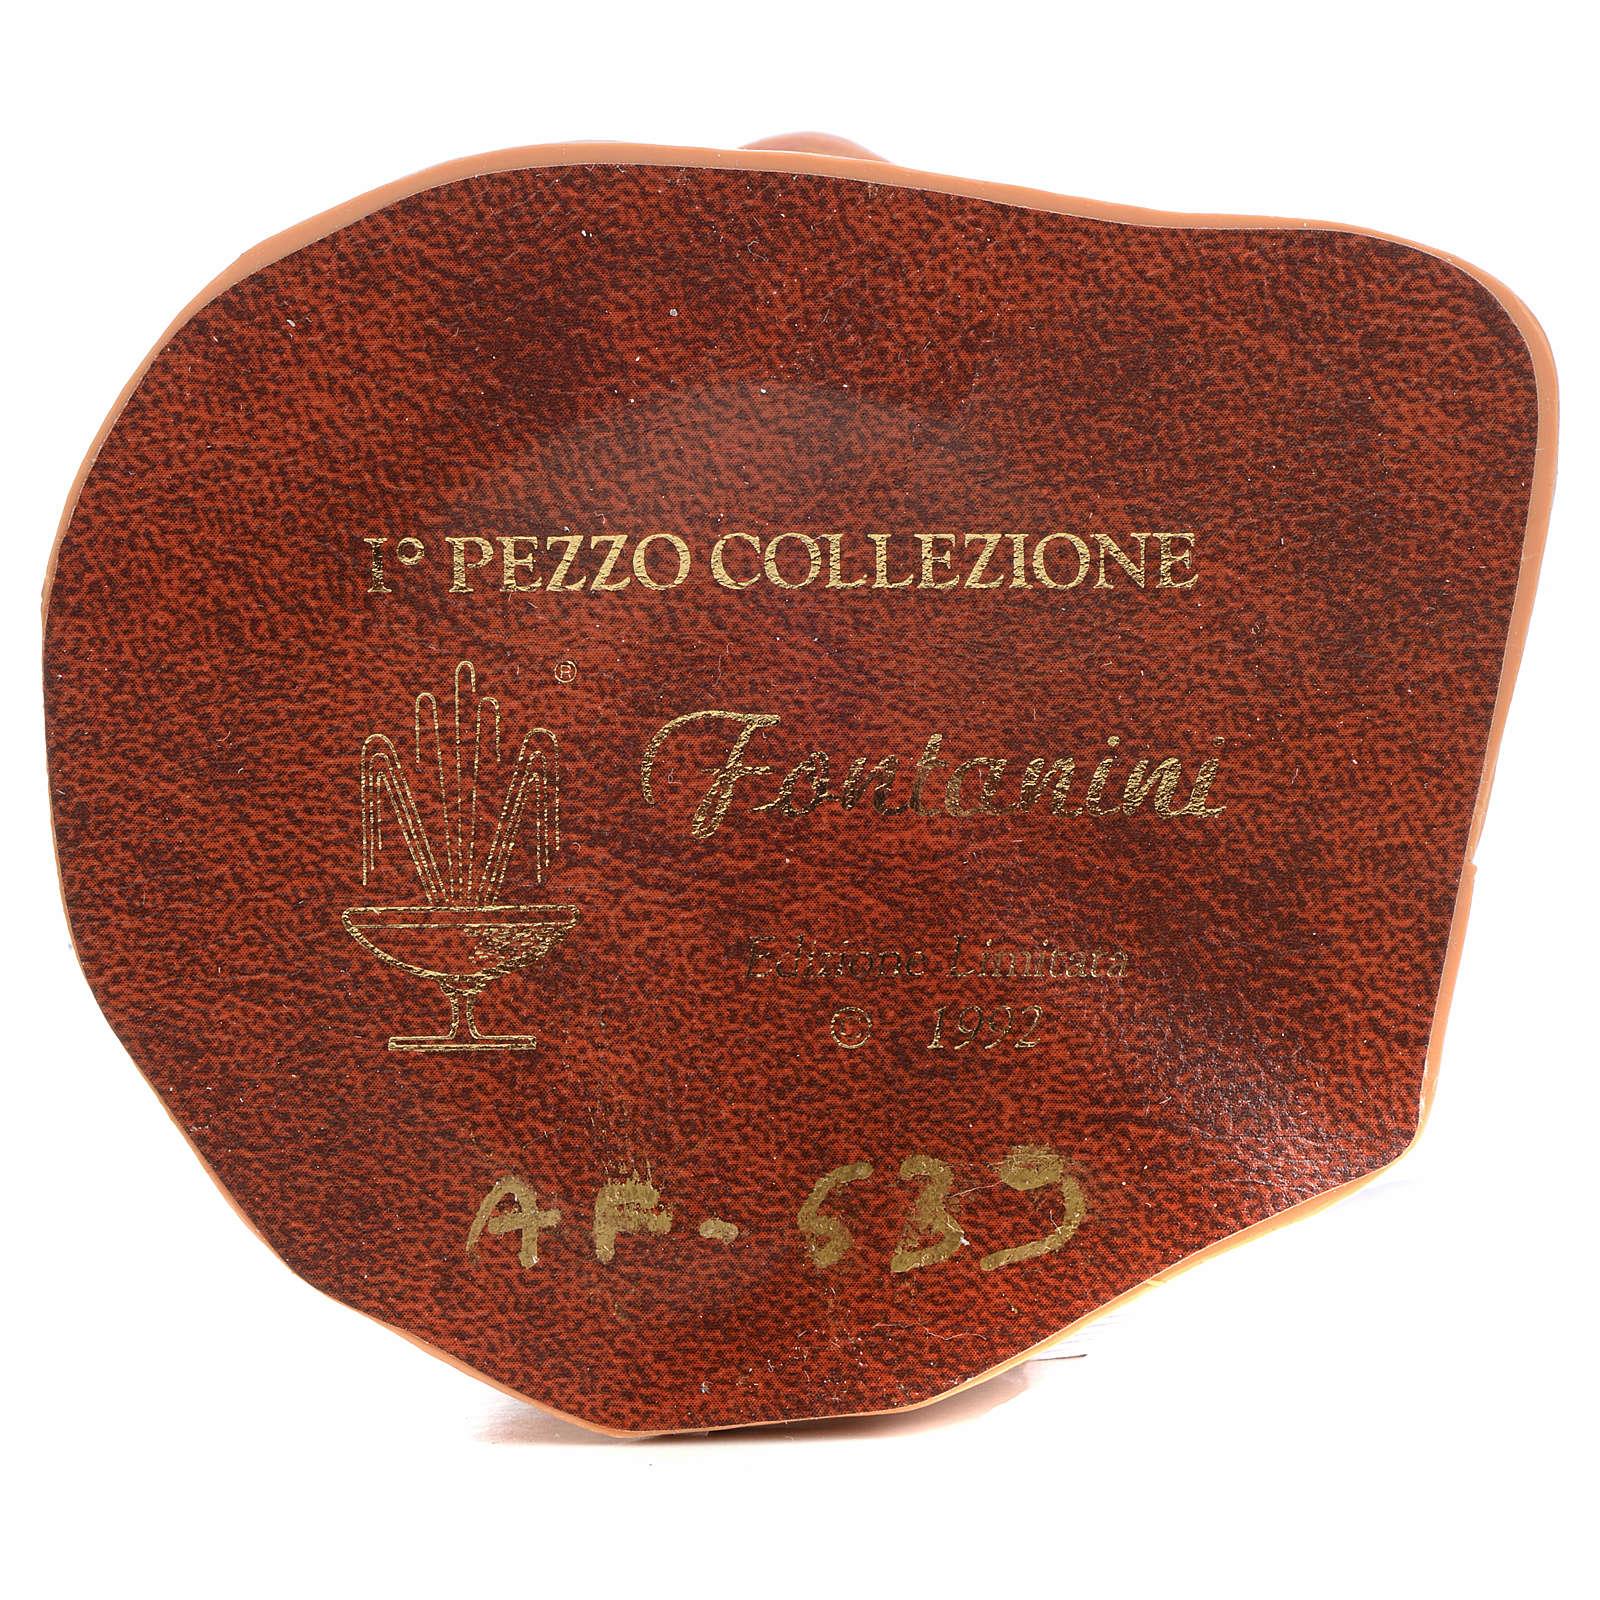 Ariel 12 cm Fontanini edycja limitowana rok 1992 3